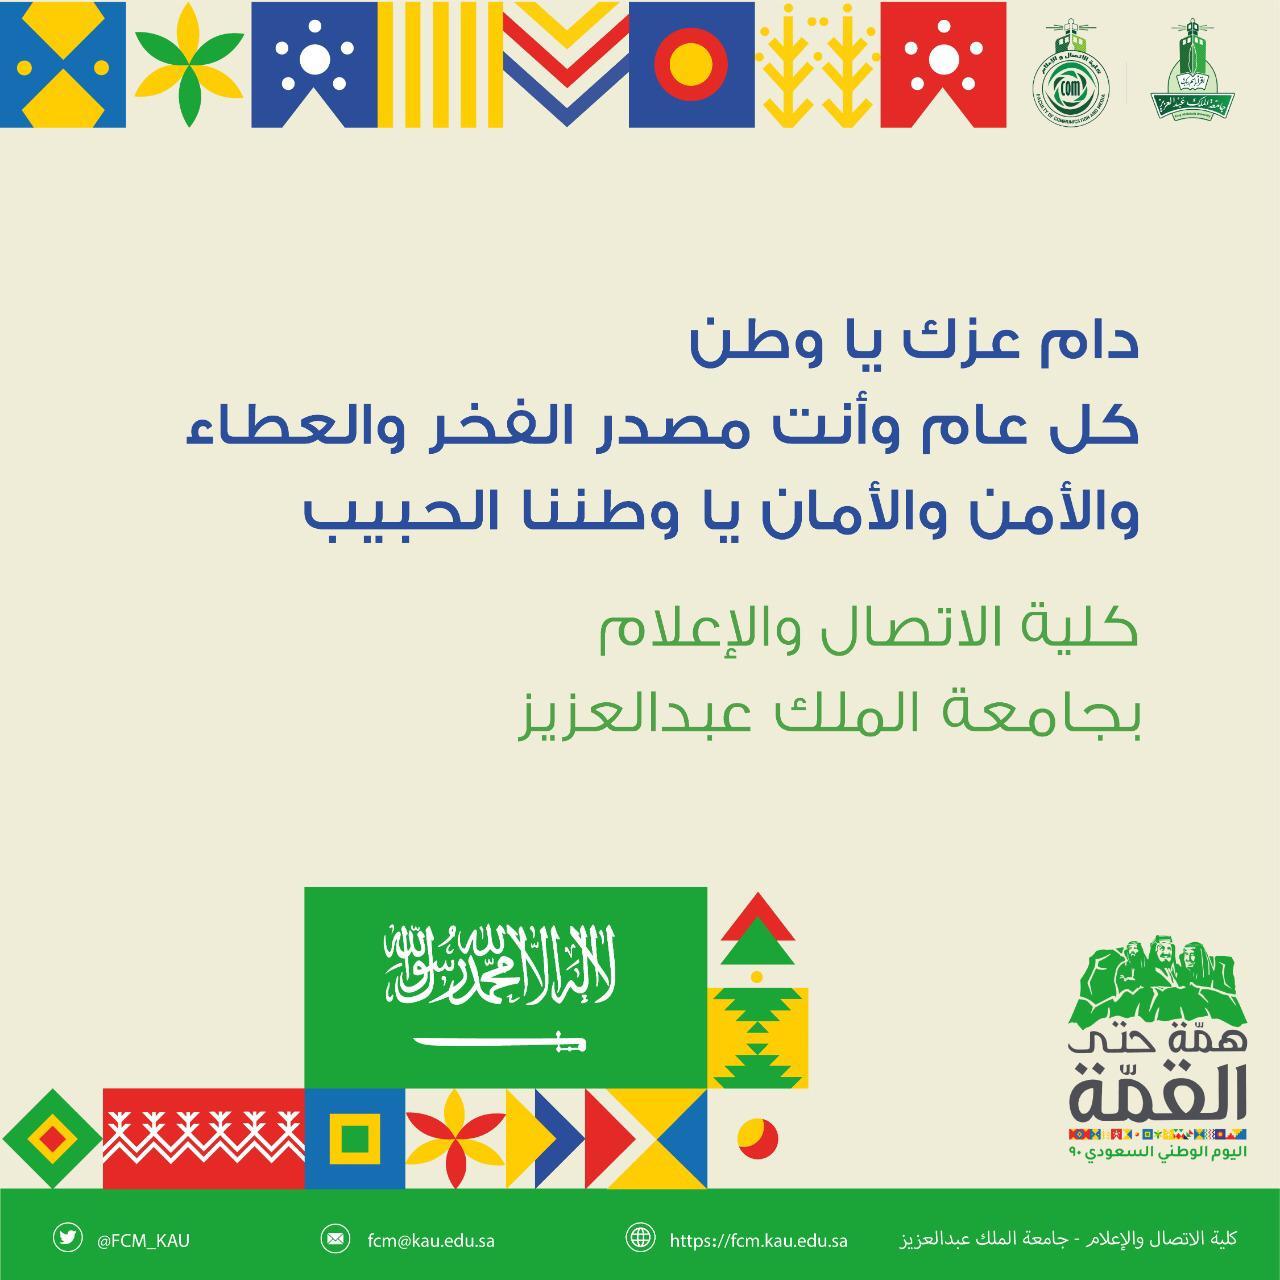 تخصصات جامعة الملك عبدالعزيز للبنات